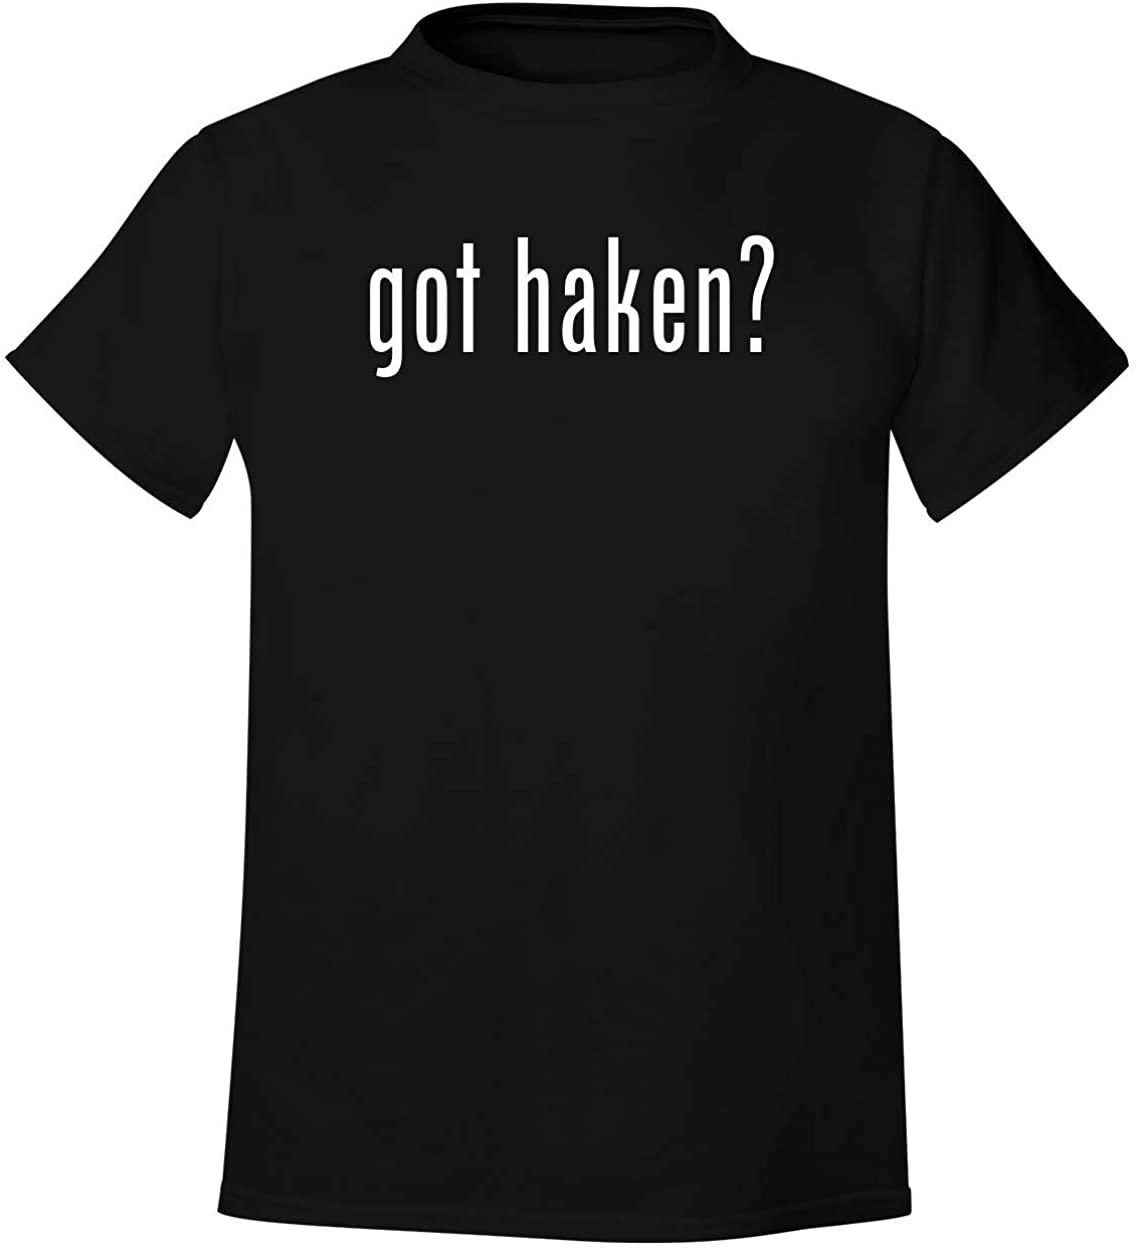 got haken? - Men's Soft & Comfortable T-Shirt